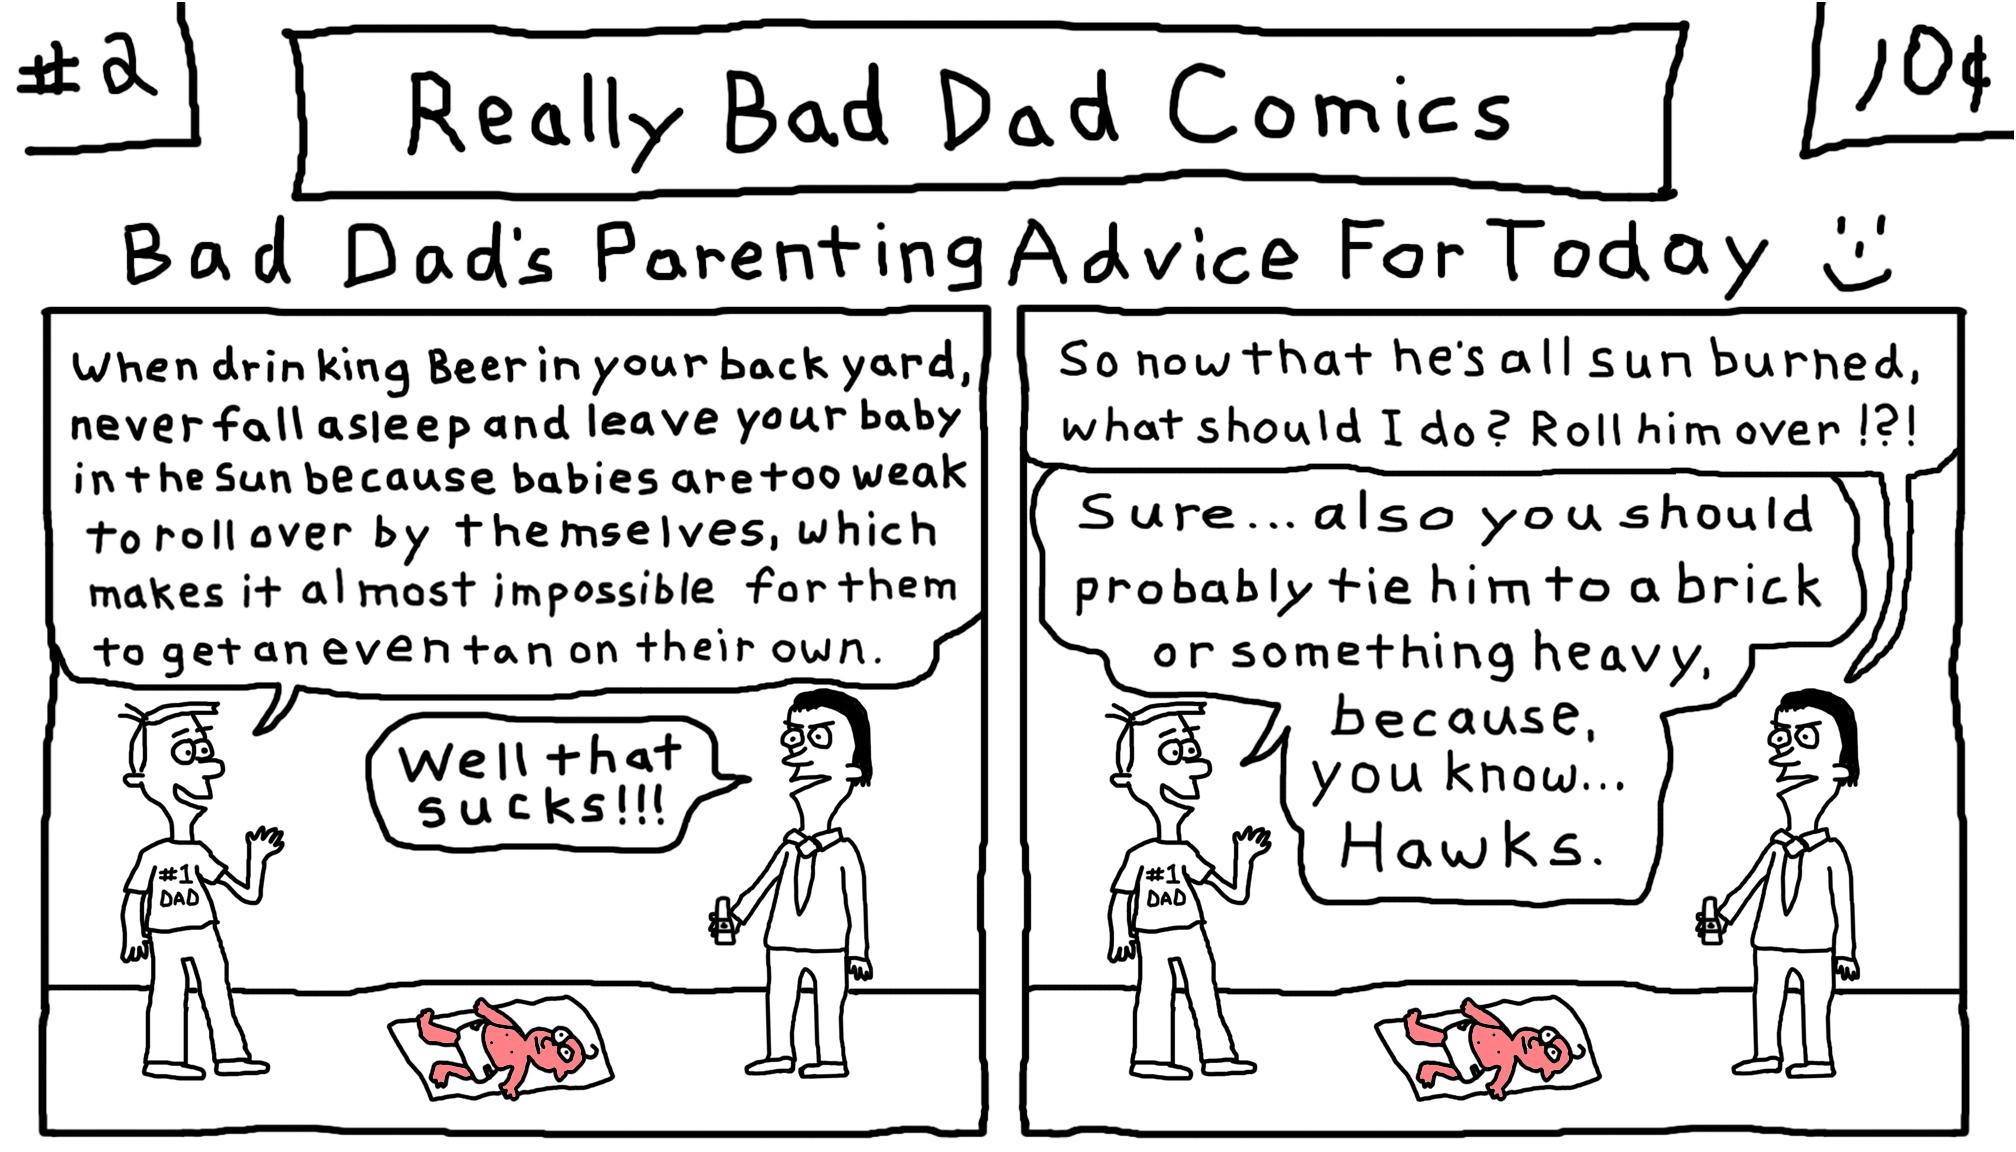 Really Bad Dad Comics # 2